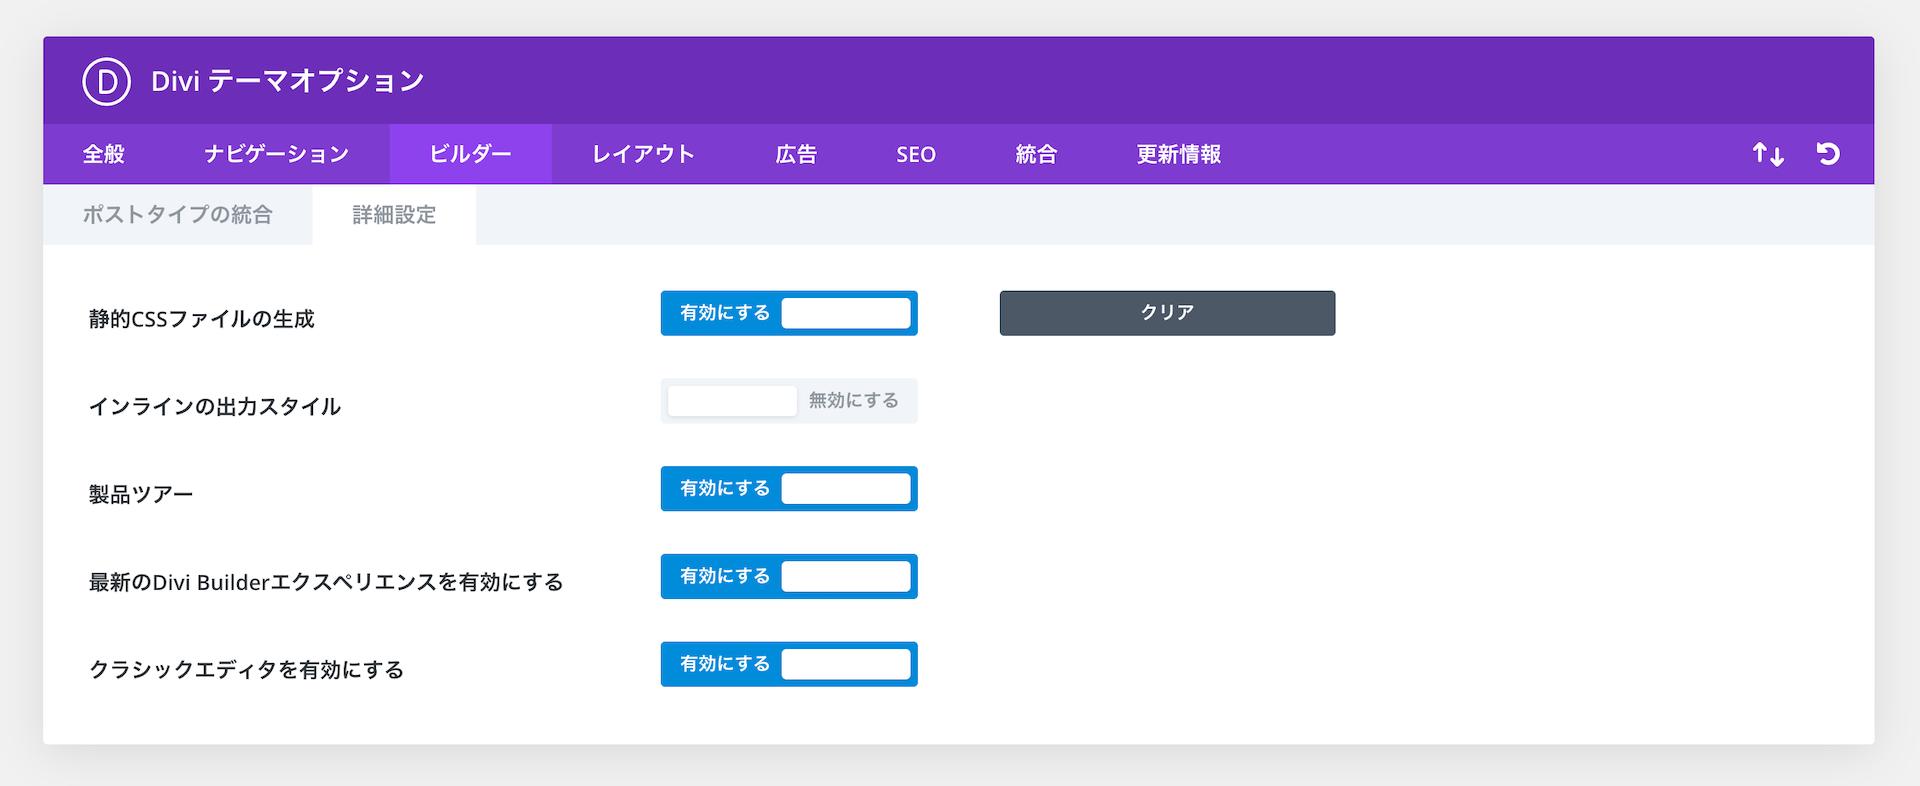 Divi テーマオプション ビルダー 詳細設定